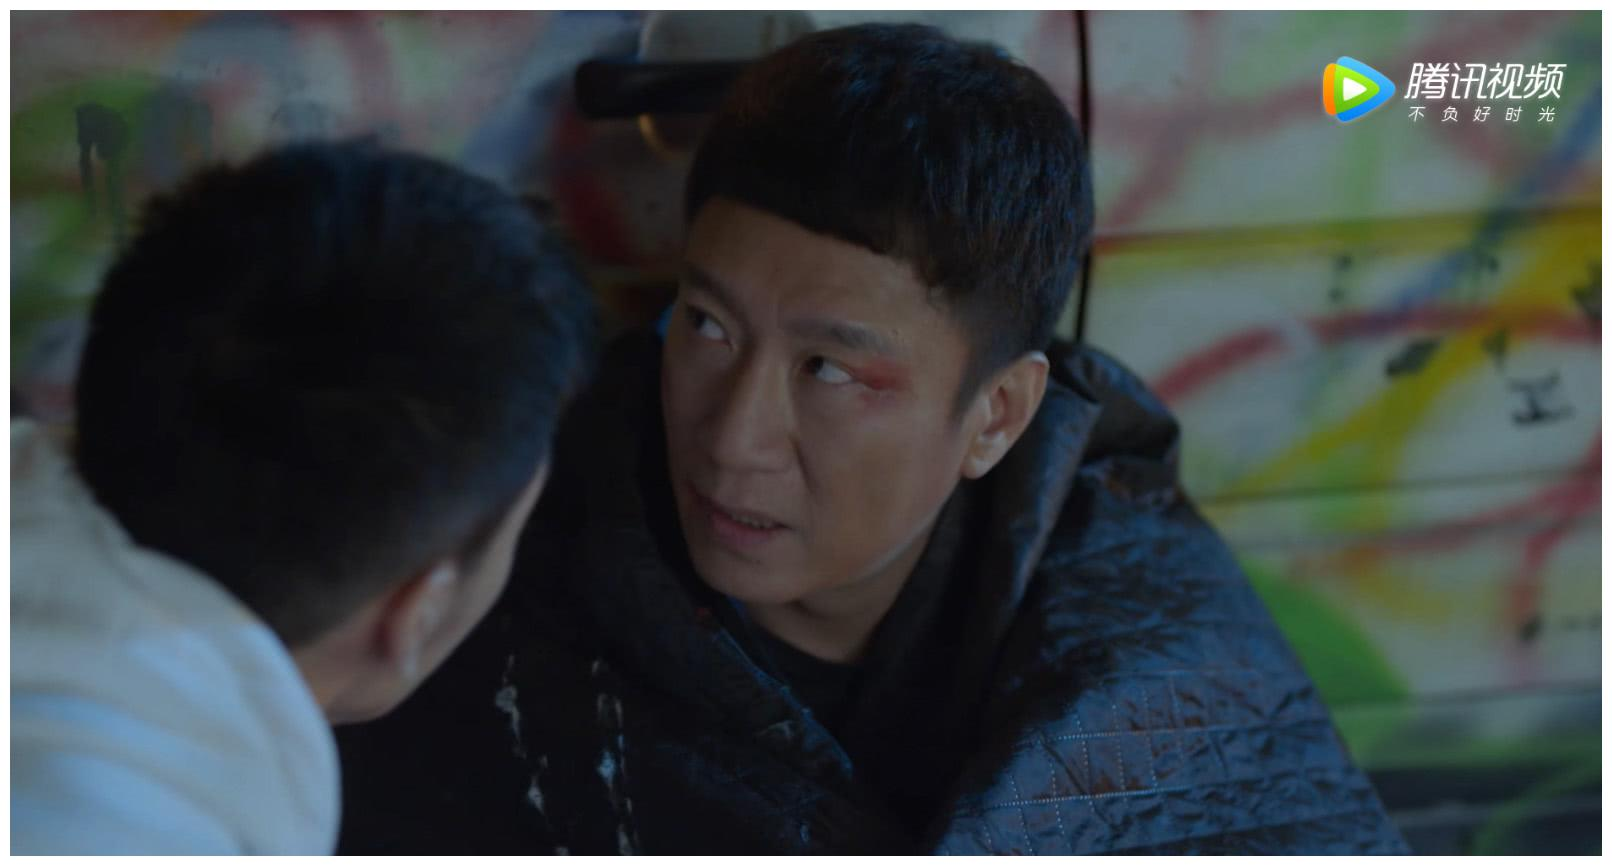 黄成栋回北京跟董美玲离婚,小栋义无反顾选择父亲,楚文博意外